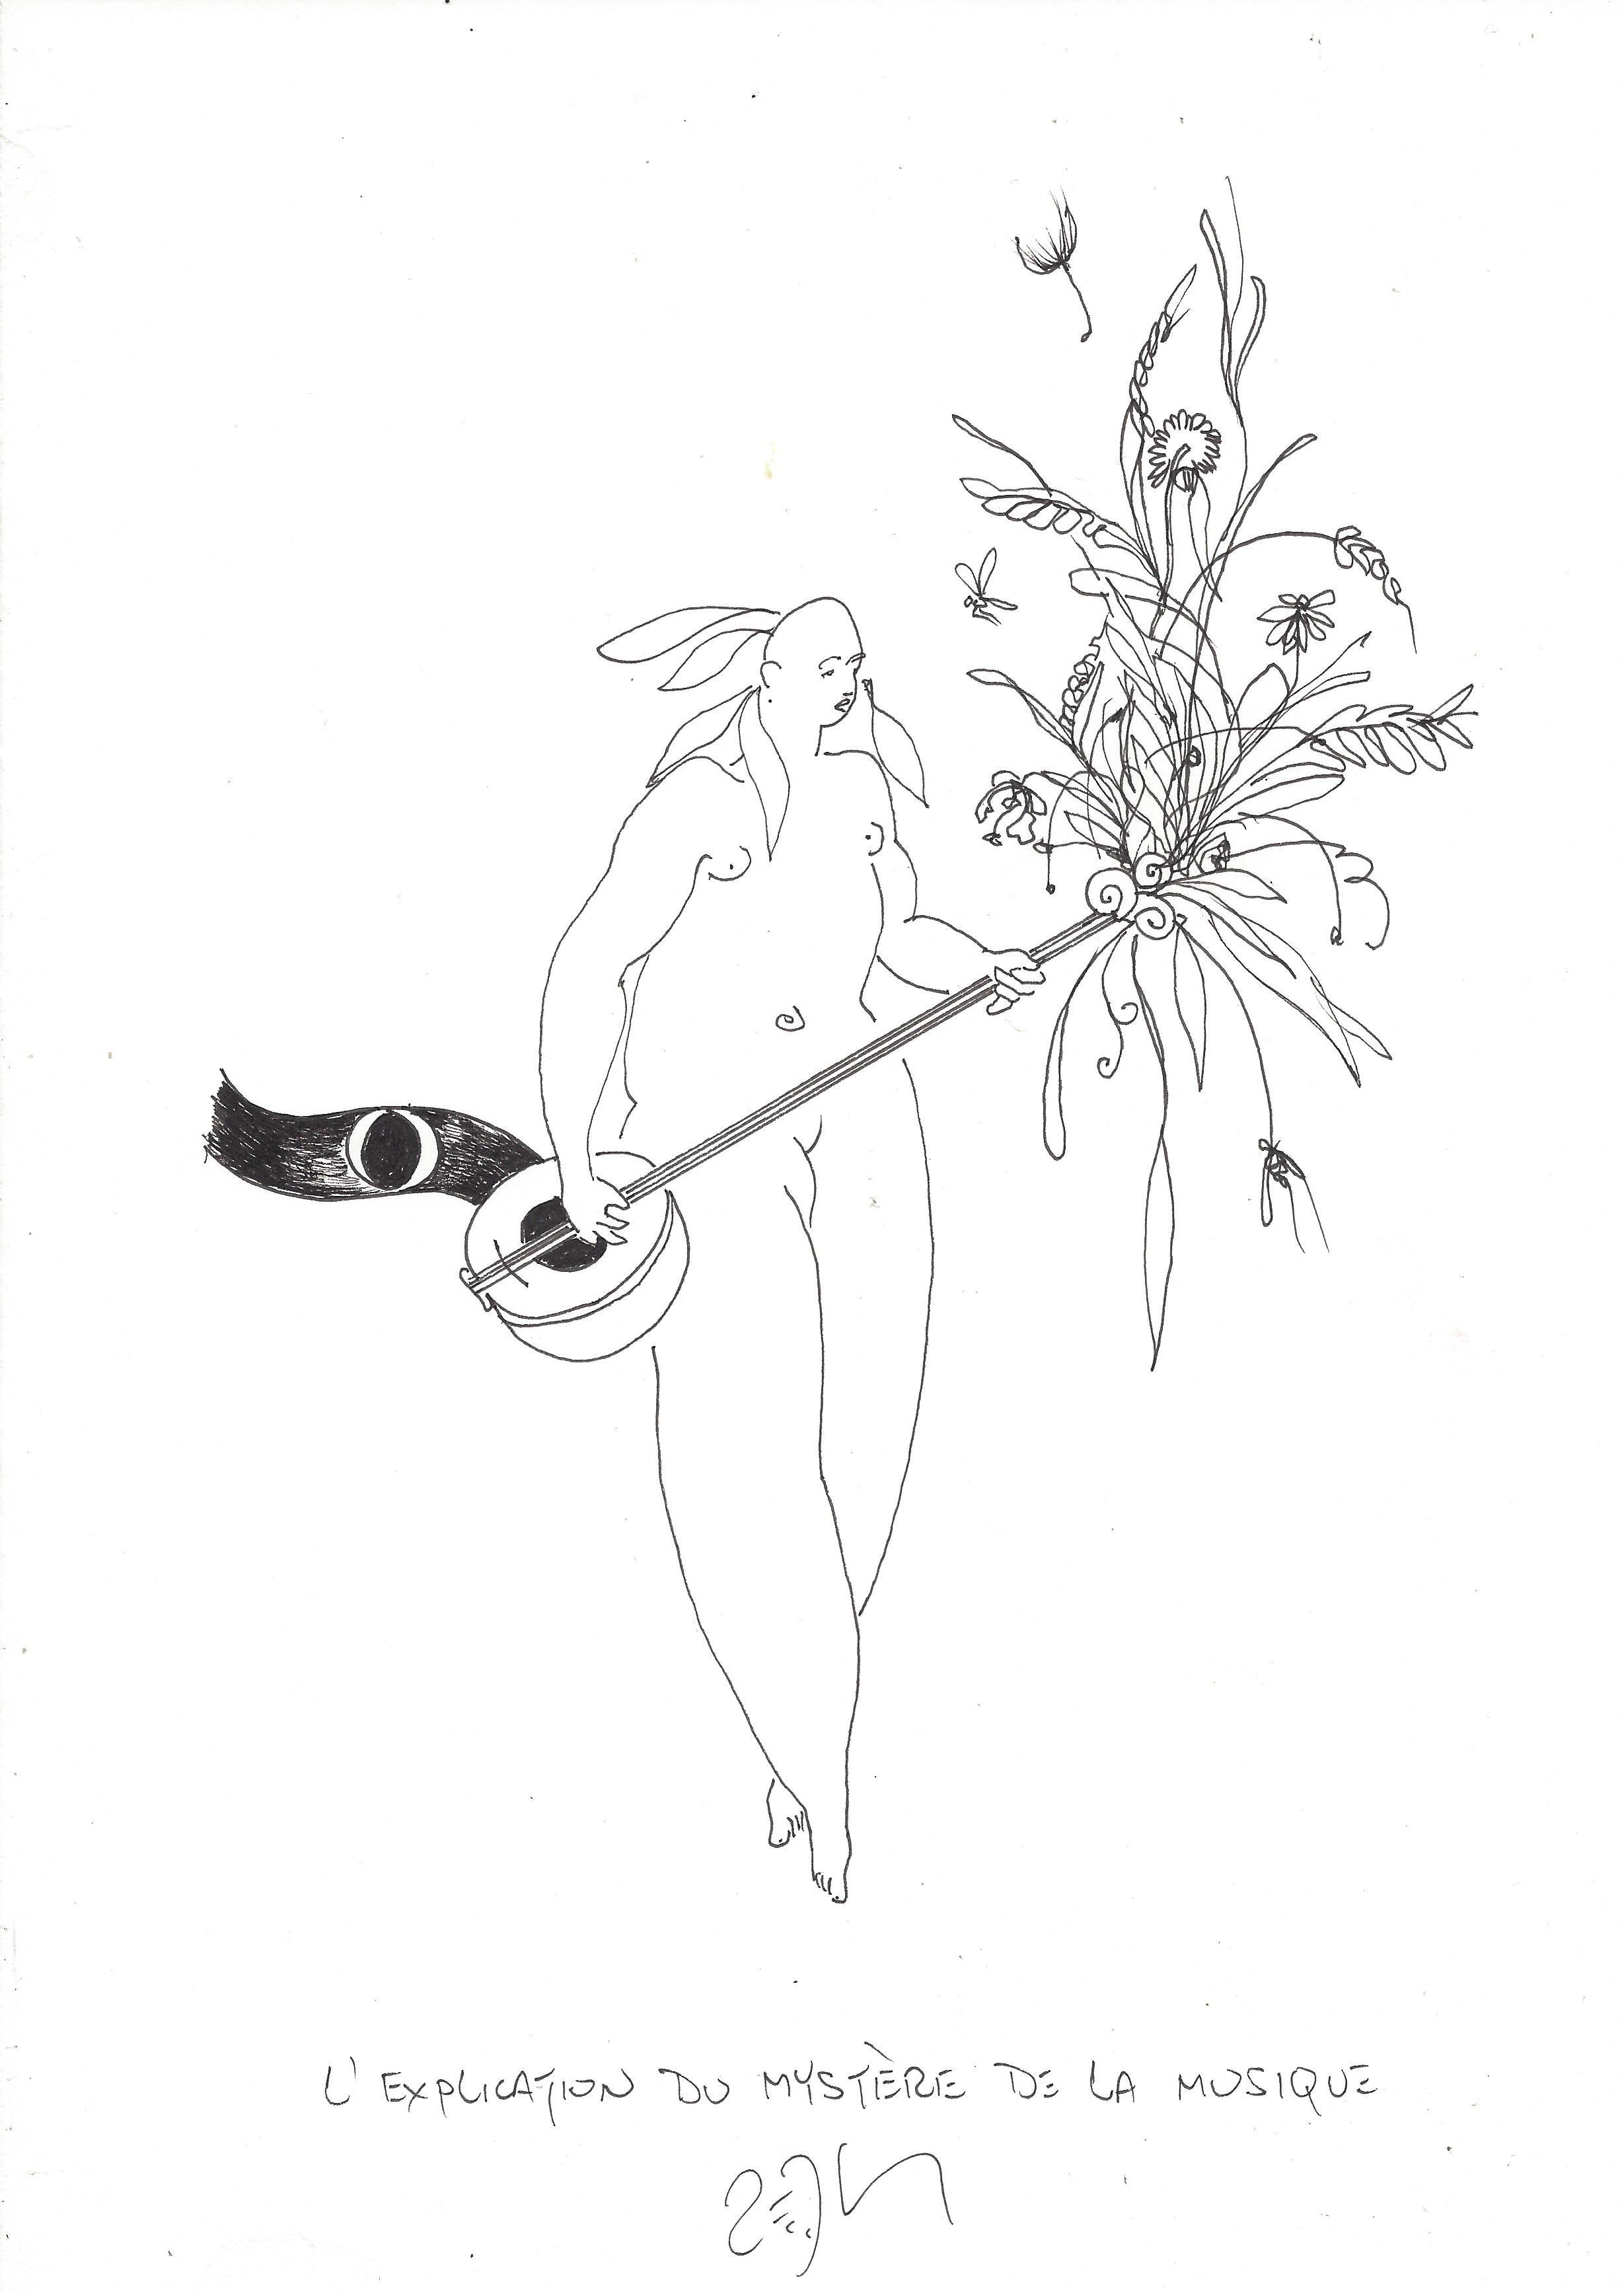 « The mystery of music explained – L'explication du mystère de la musique »